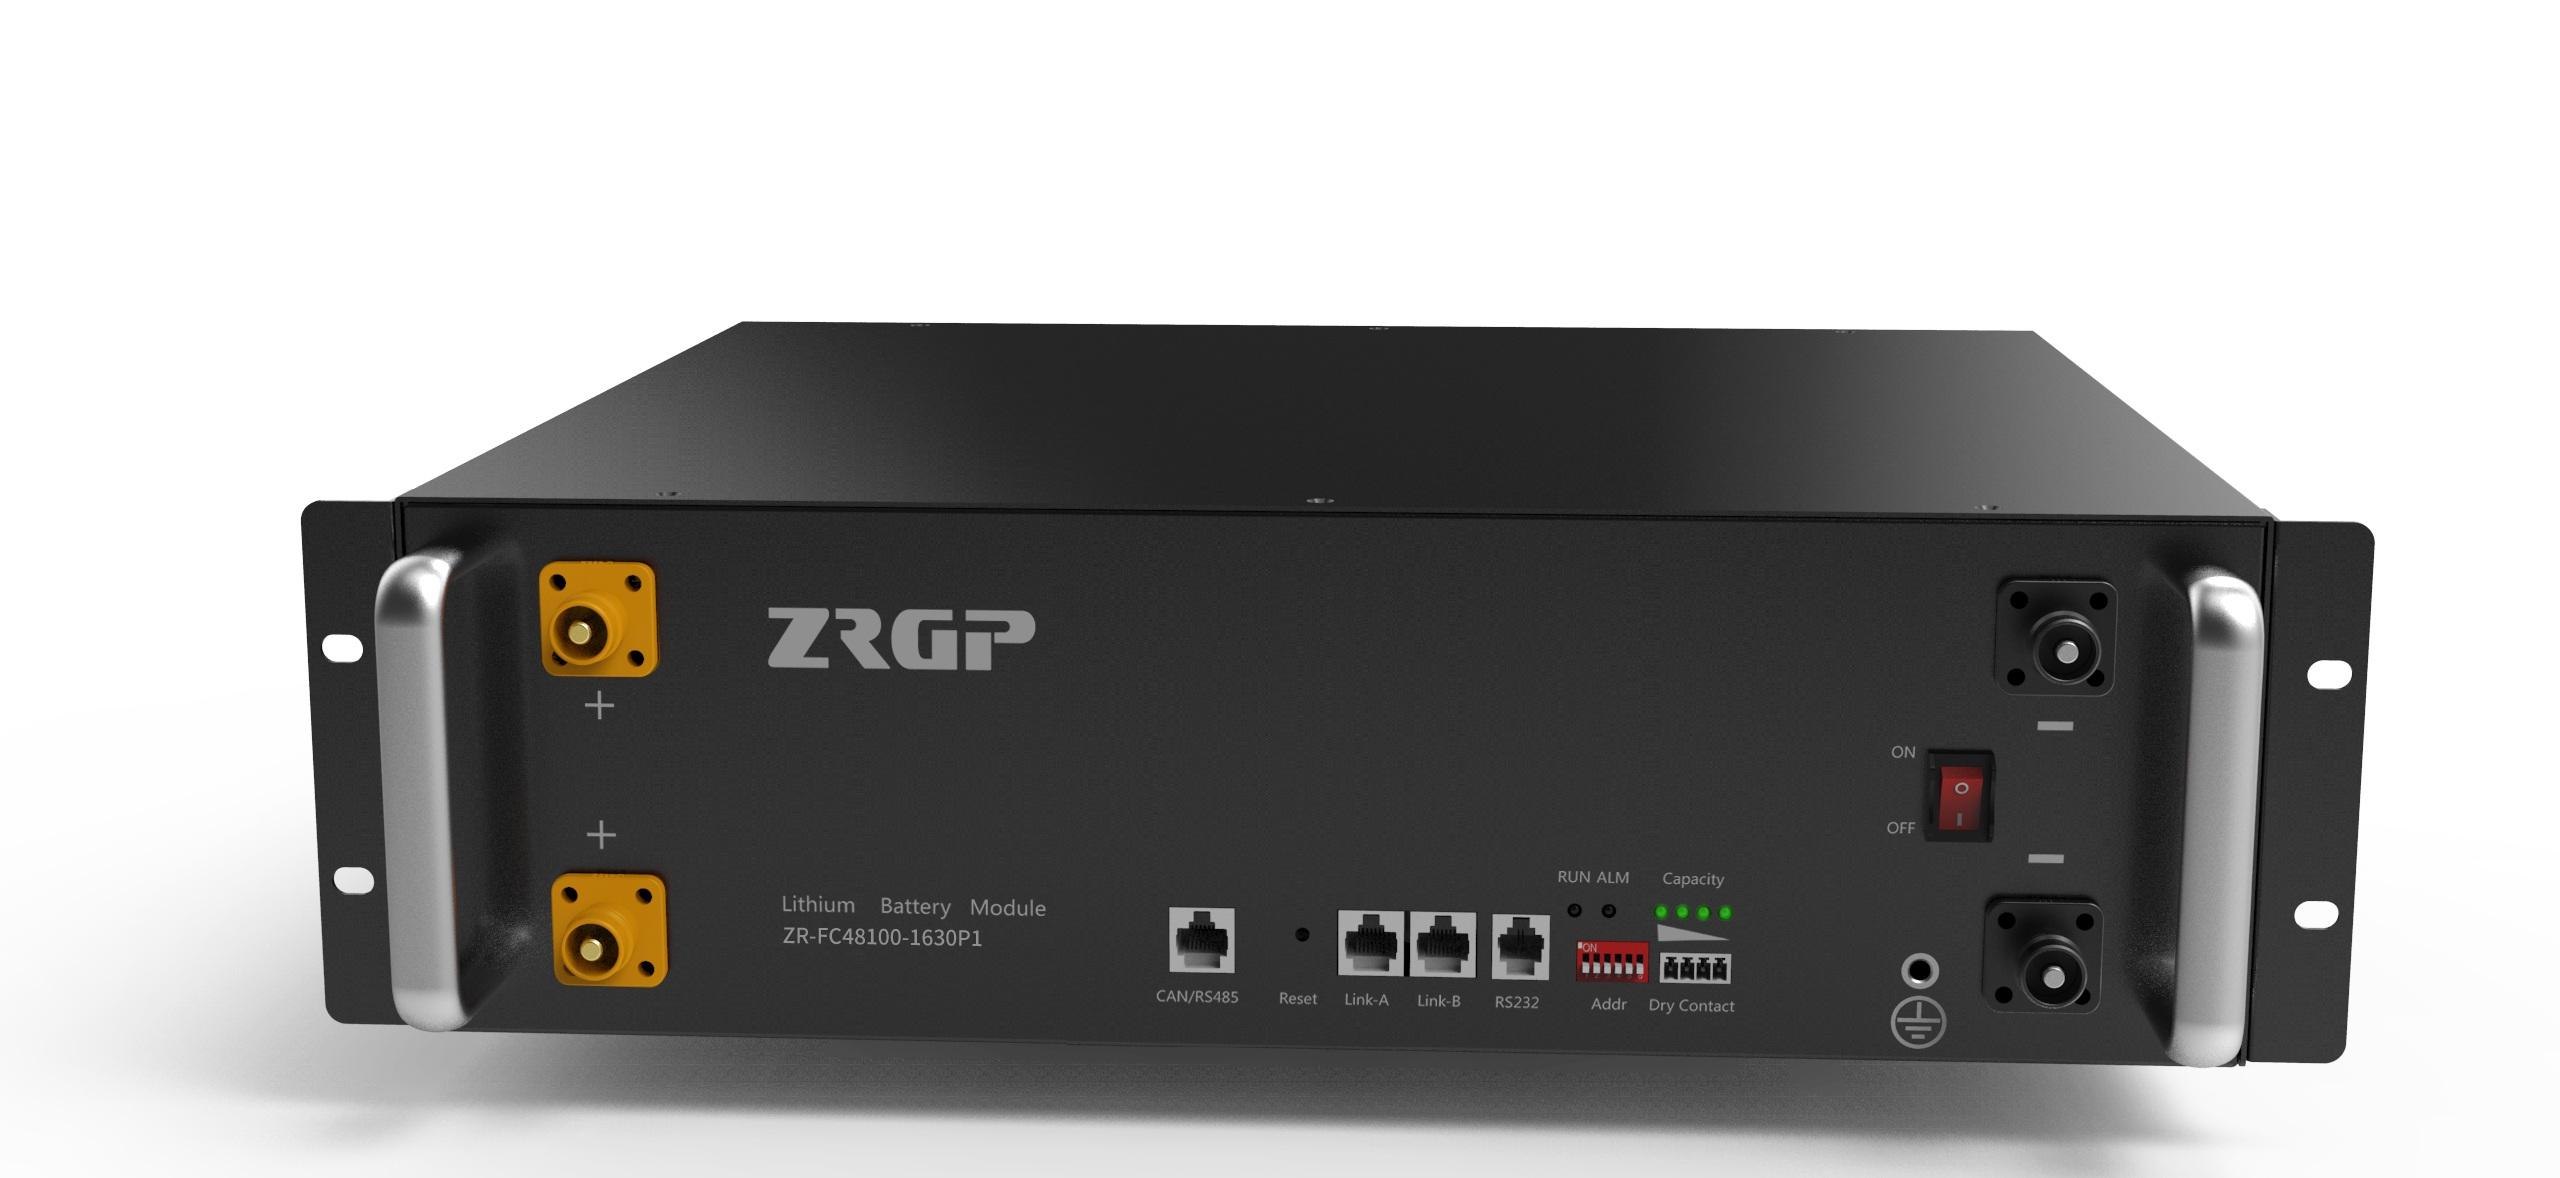 ZR-FC48100-1630P1